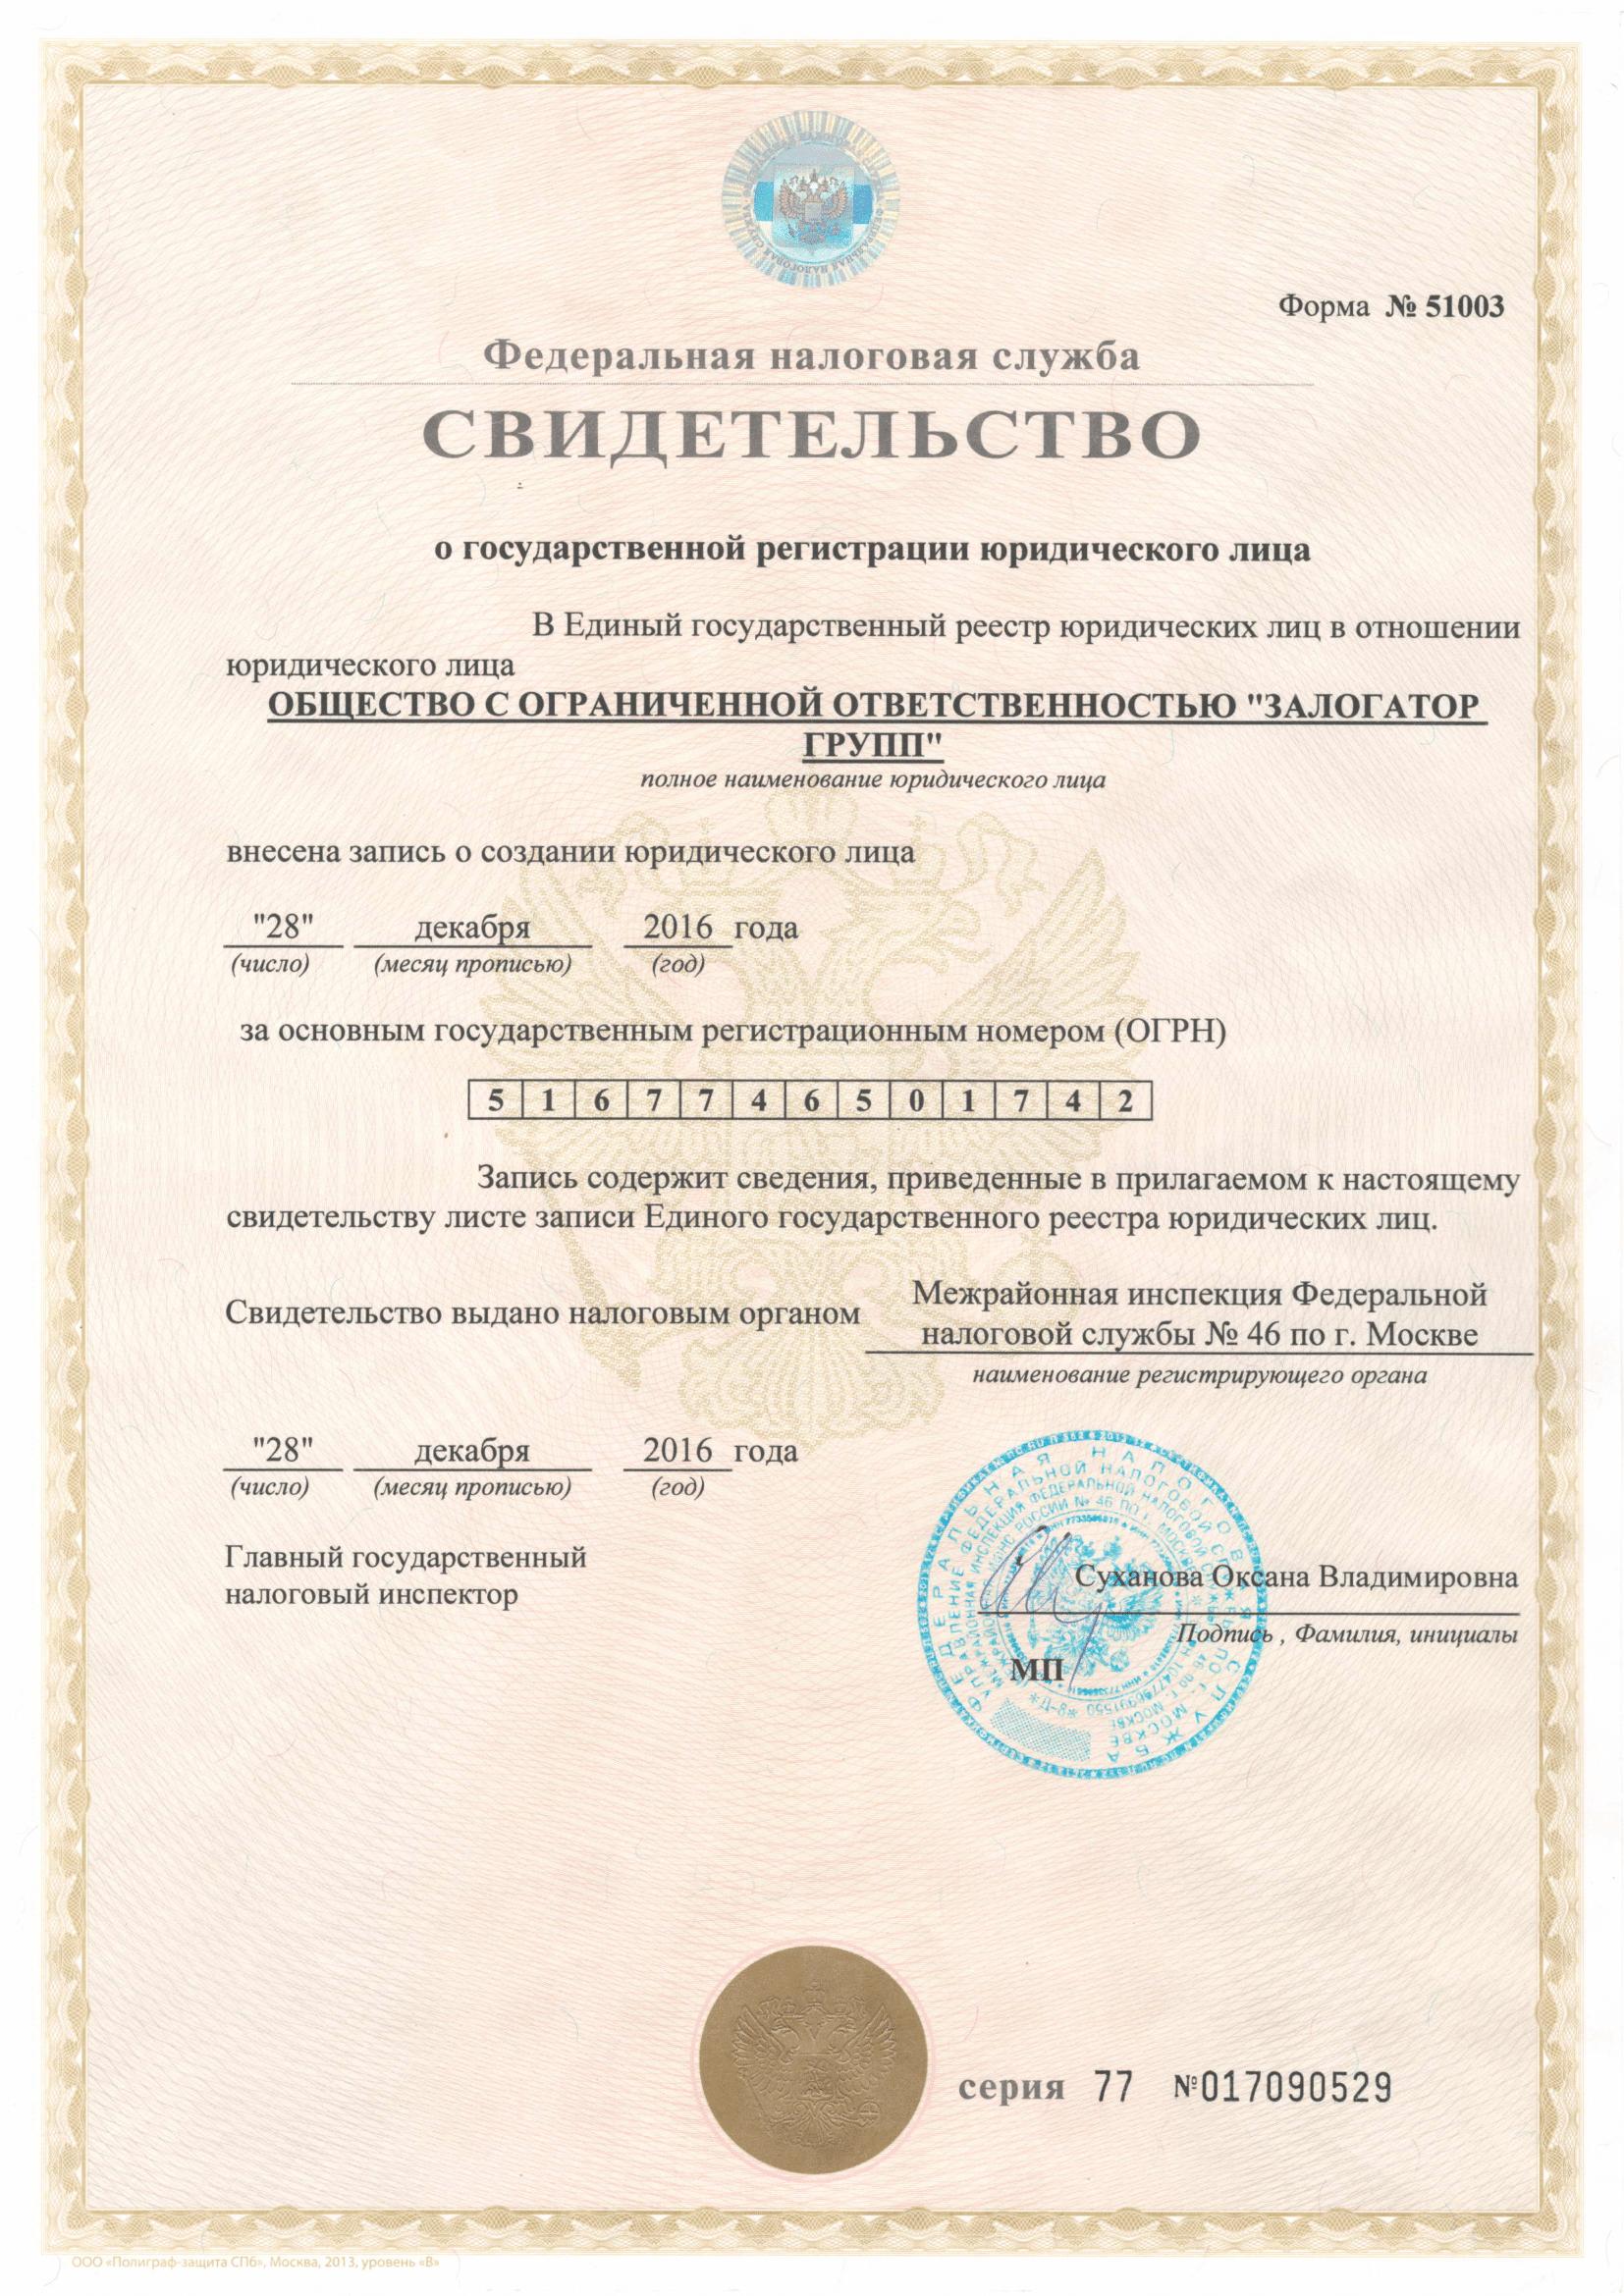 Займ под залог авто в Ростове-на-Дону, ПТС, СТС и паспорт